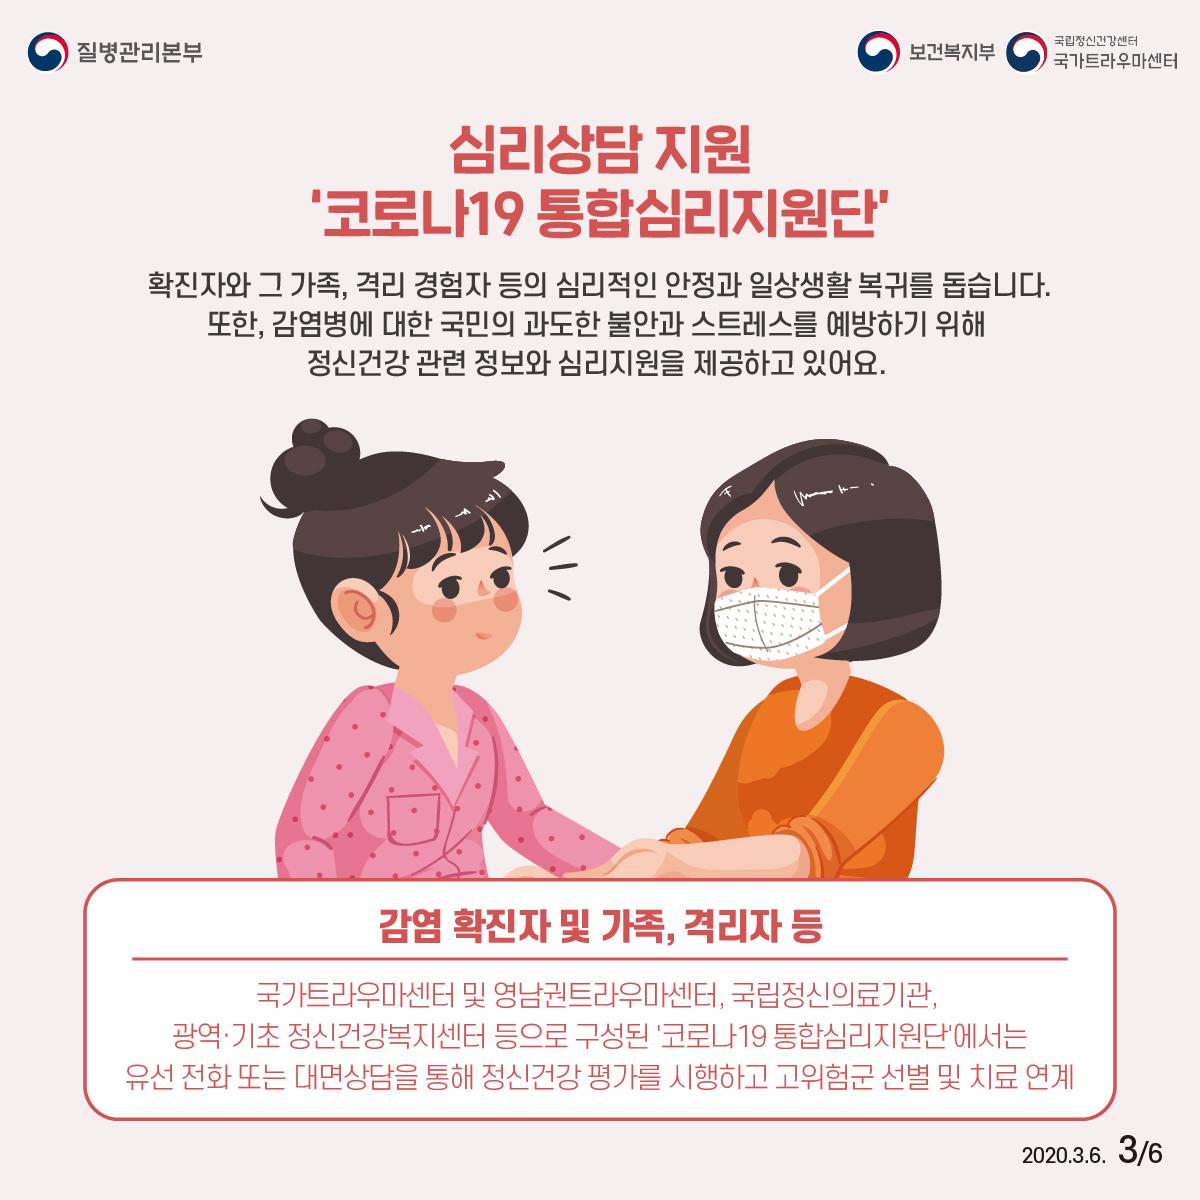 20200306_KCDC_심리적방역카드뉴스(3).jpg